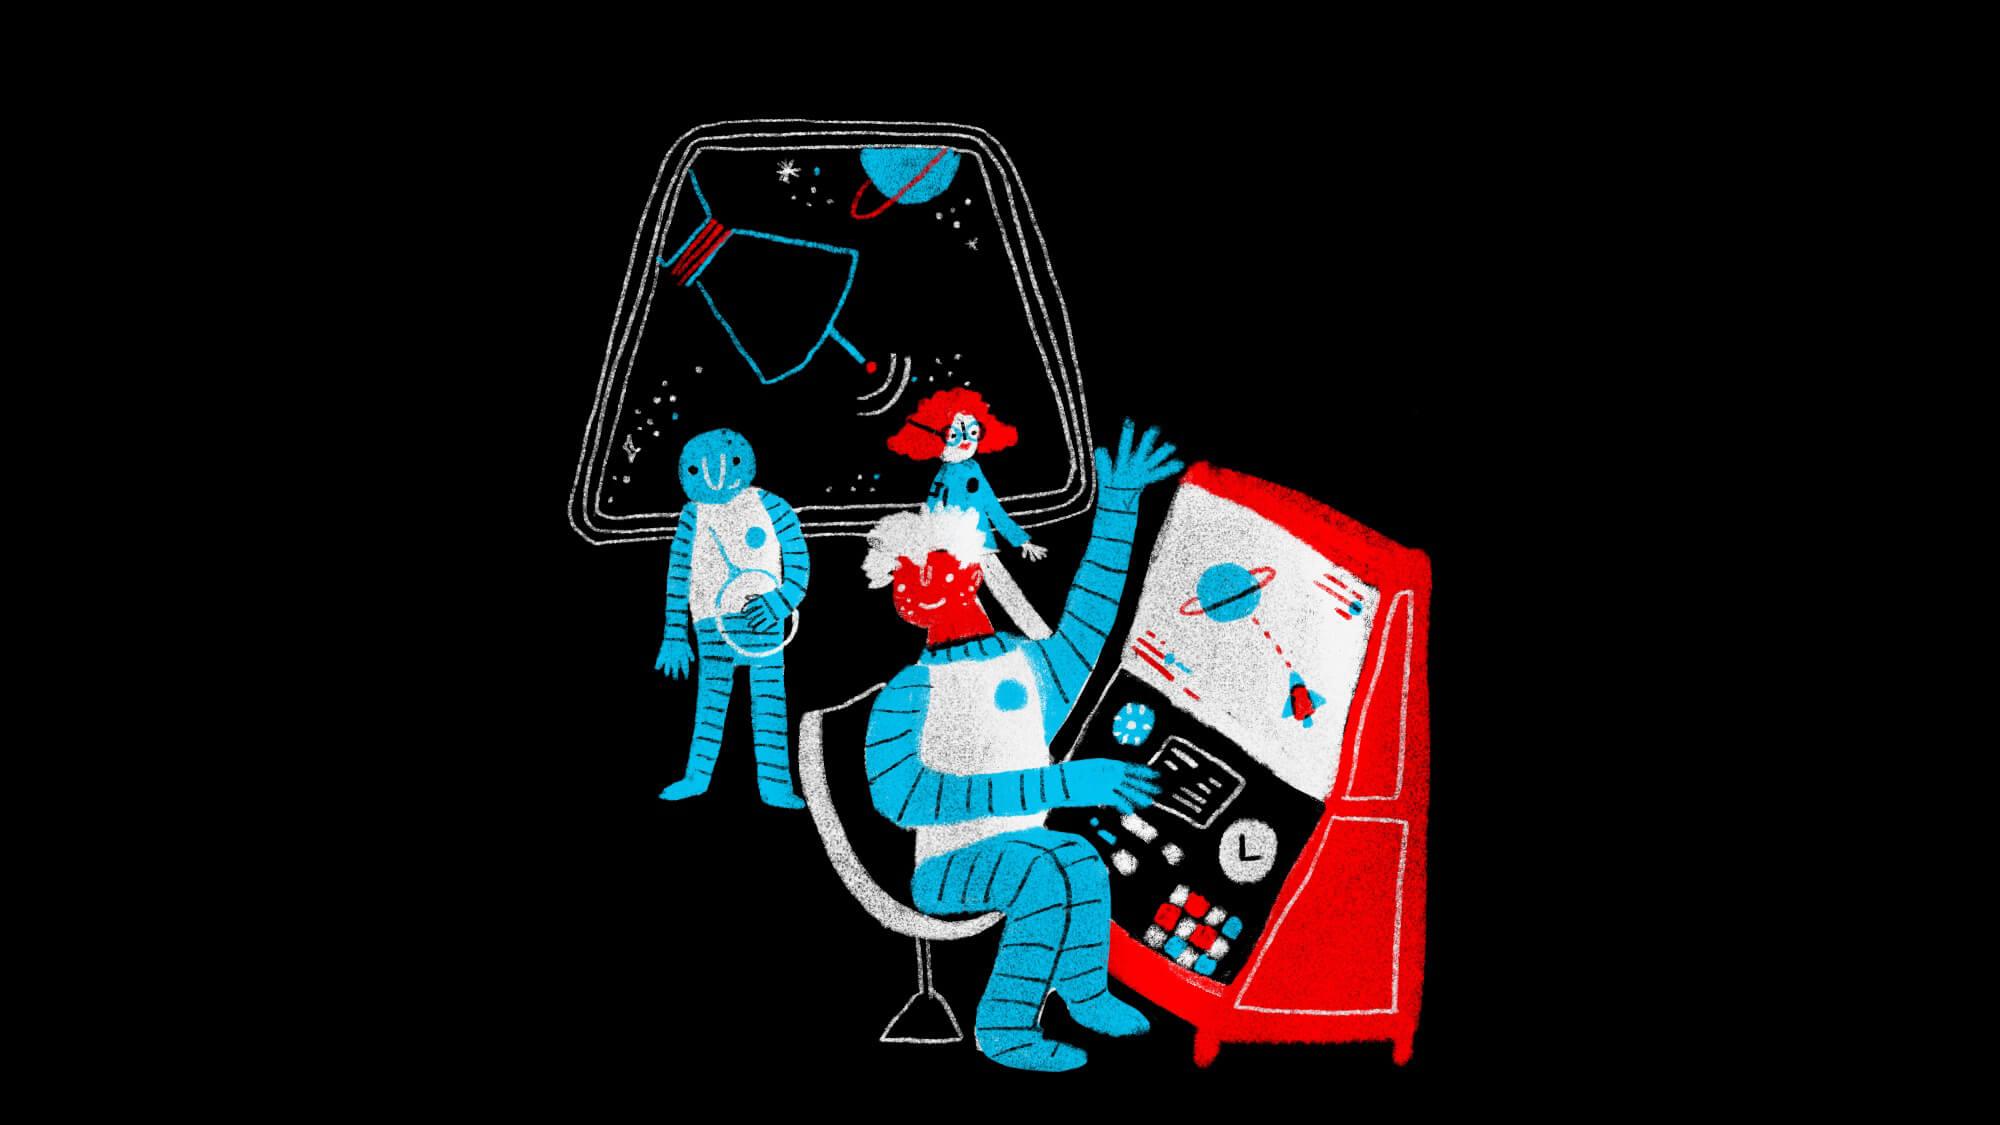 RE_WEB_MS_SPACE_4.jpg